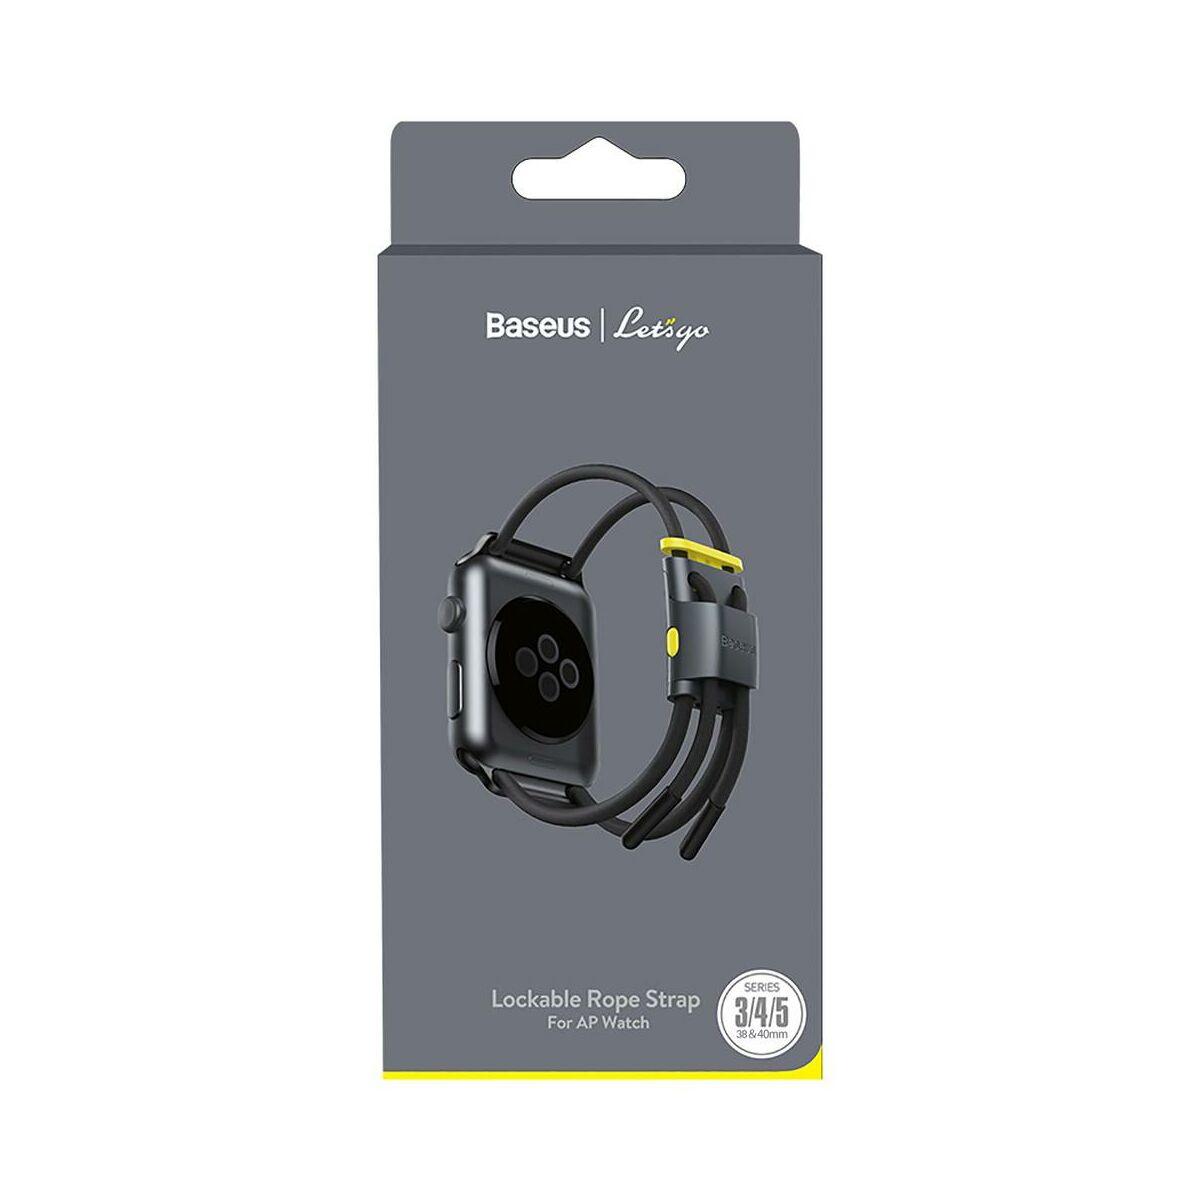 Baseus Apple Watch óraszíj, Lets go zárható, méretre állítható, 3,4,5 modellekhez, 38 mm / 40 mm, szürke/sárga (LBAPWA4-AGY)